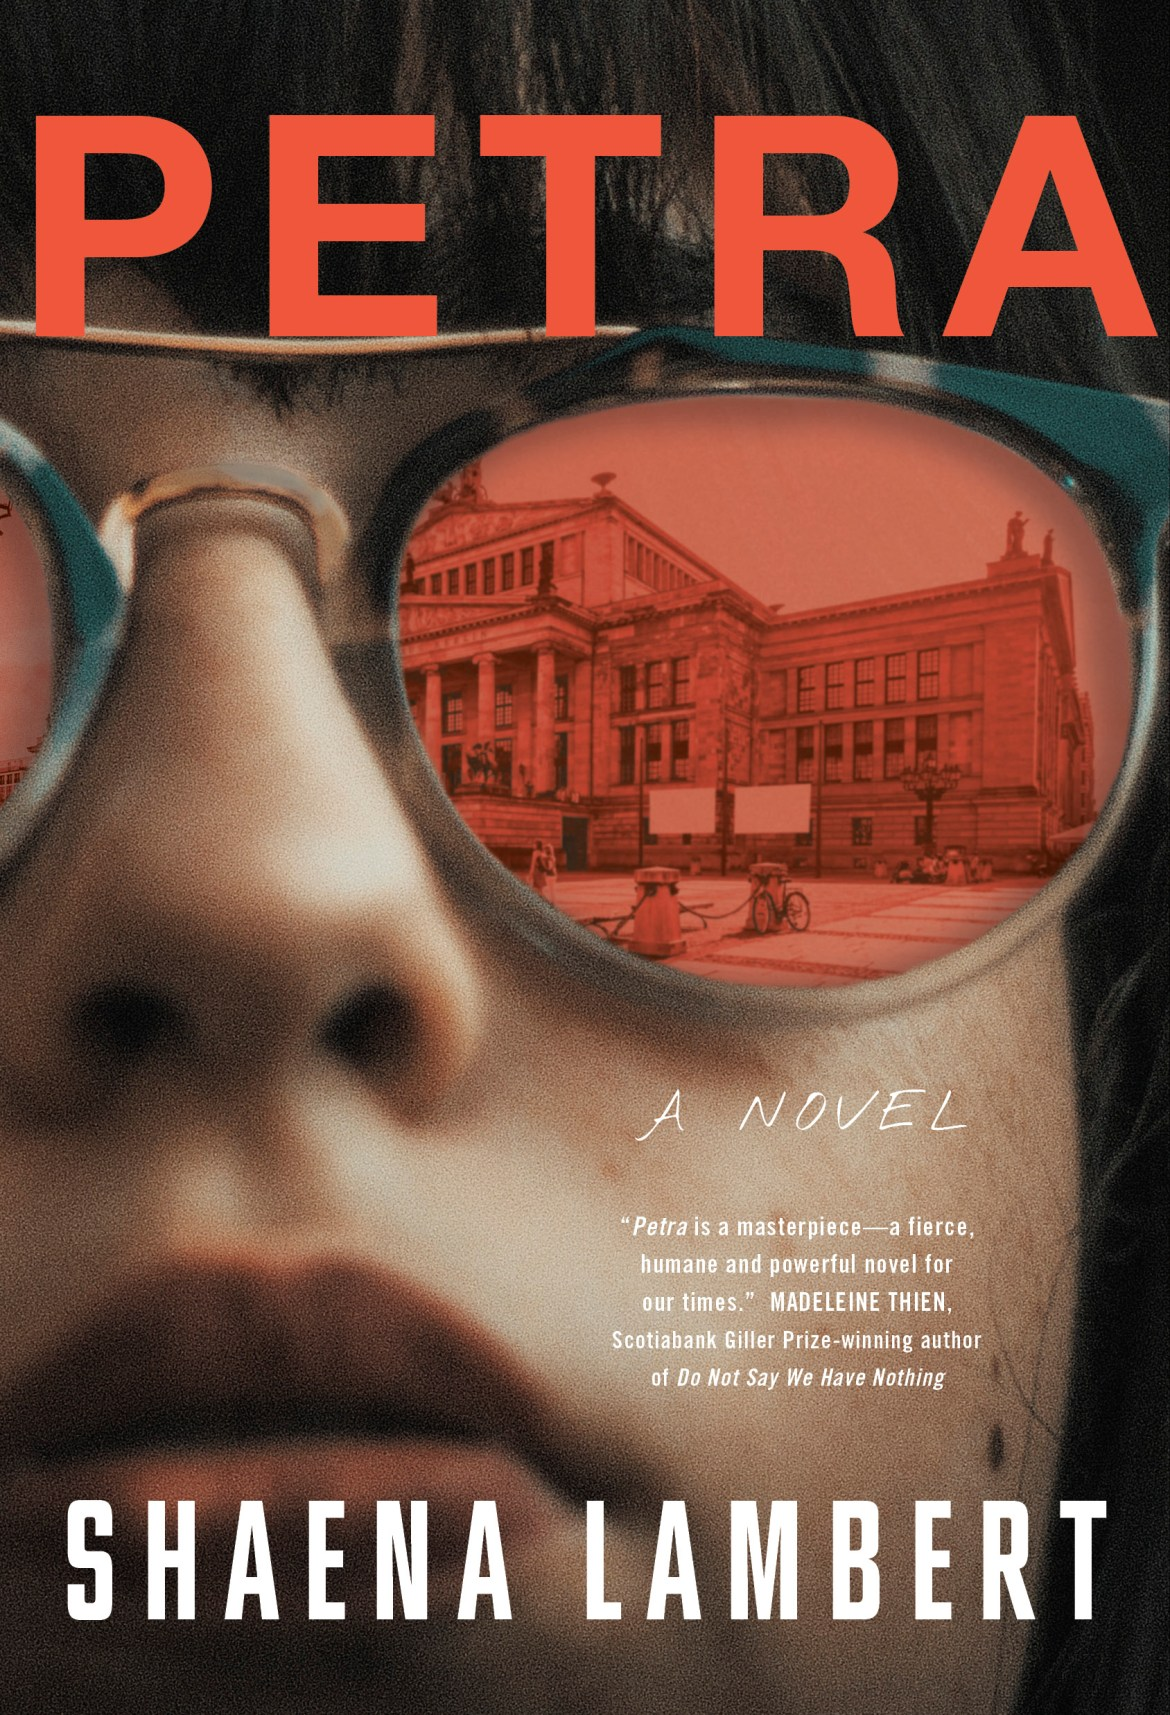 Petra, by Shaena Lambert book cover image